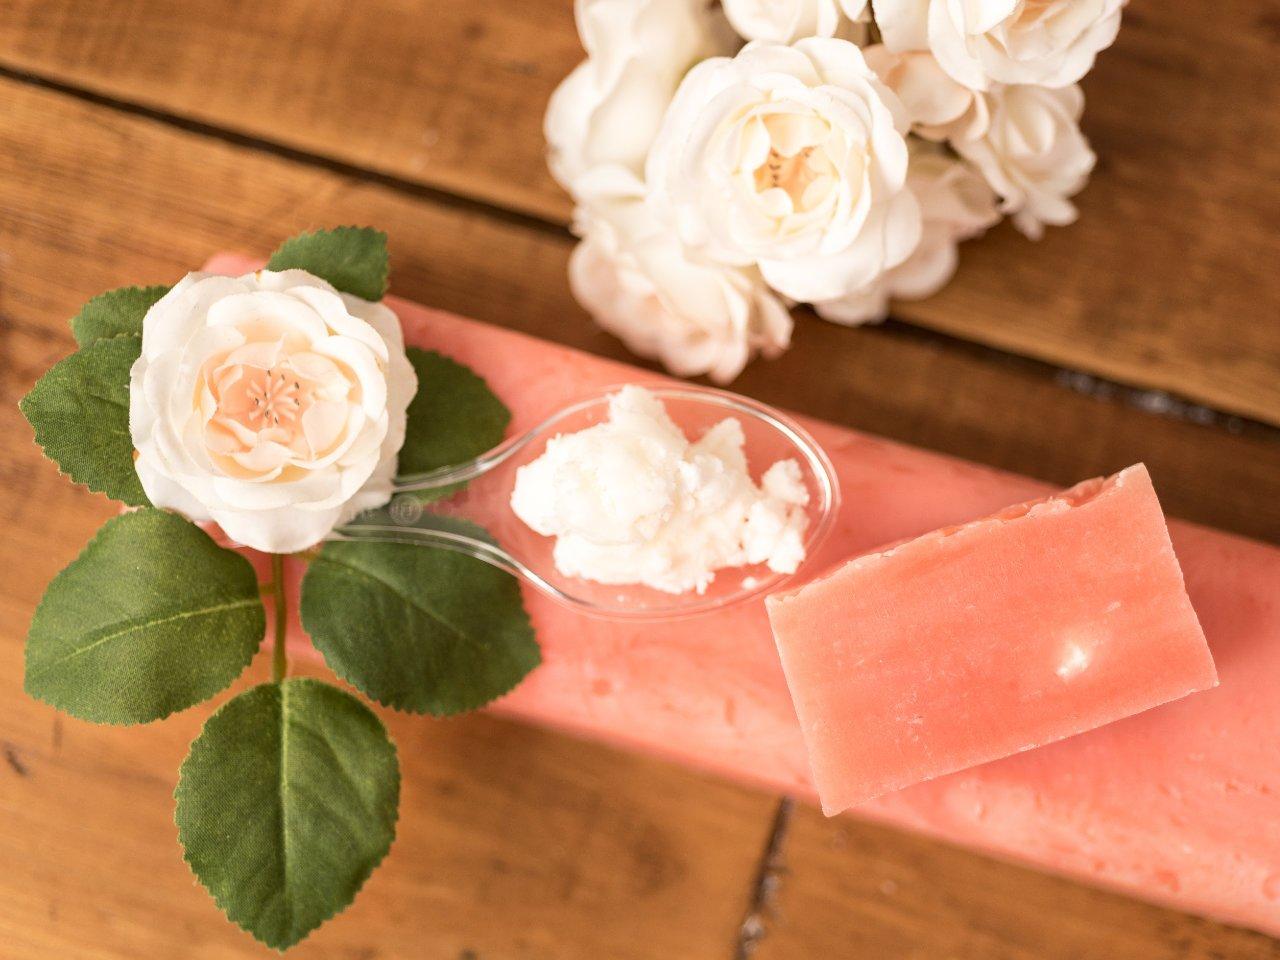 Sapone naturale alla rosa e burro di karité